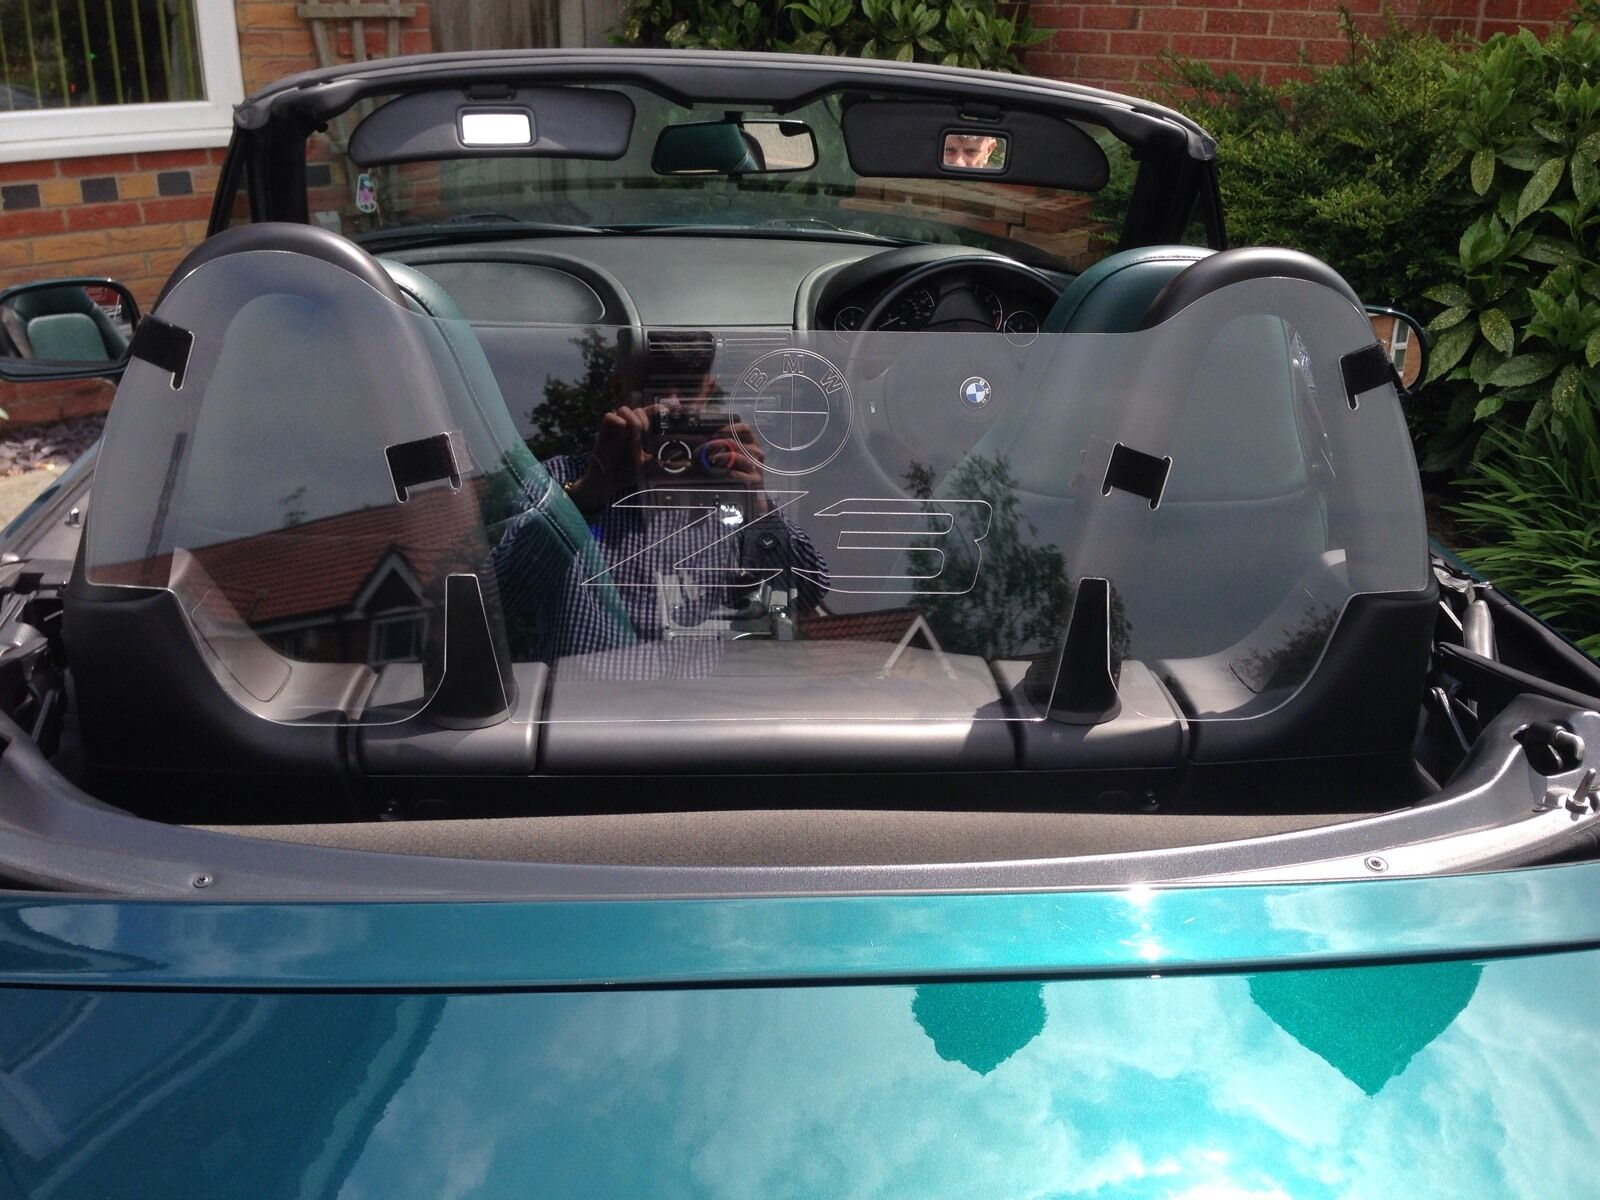 BMW Z3 Clear High Quality Wind Deflector - Shield Brand New With BMW Z3 Logo